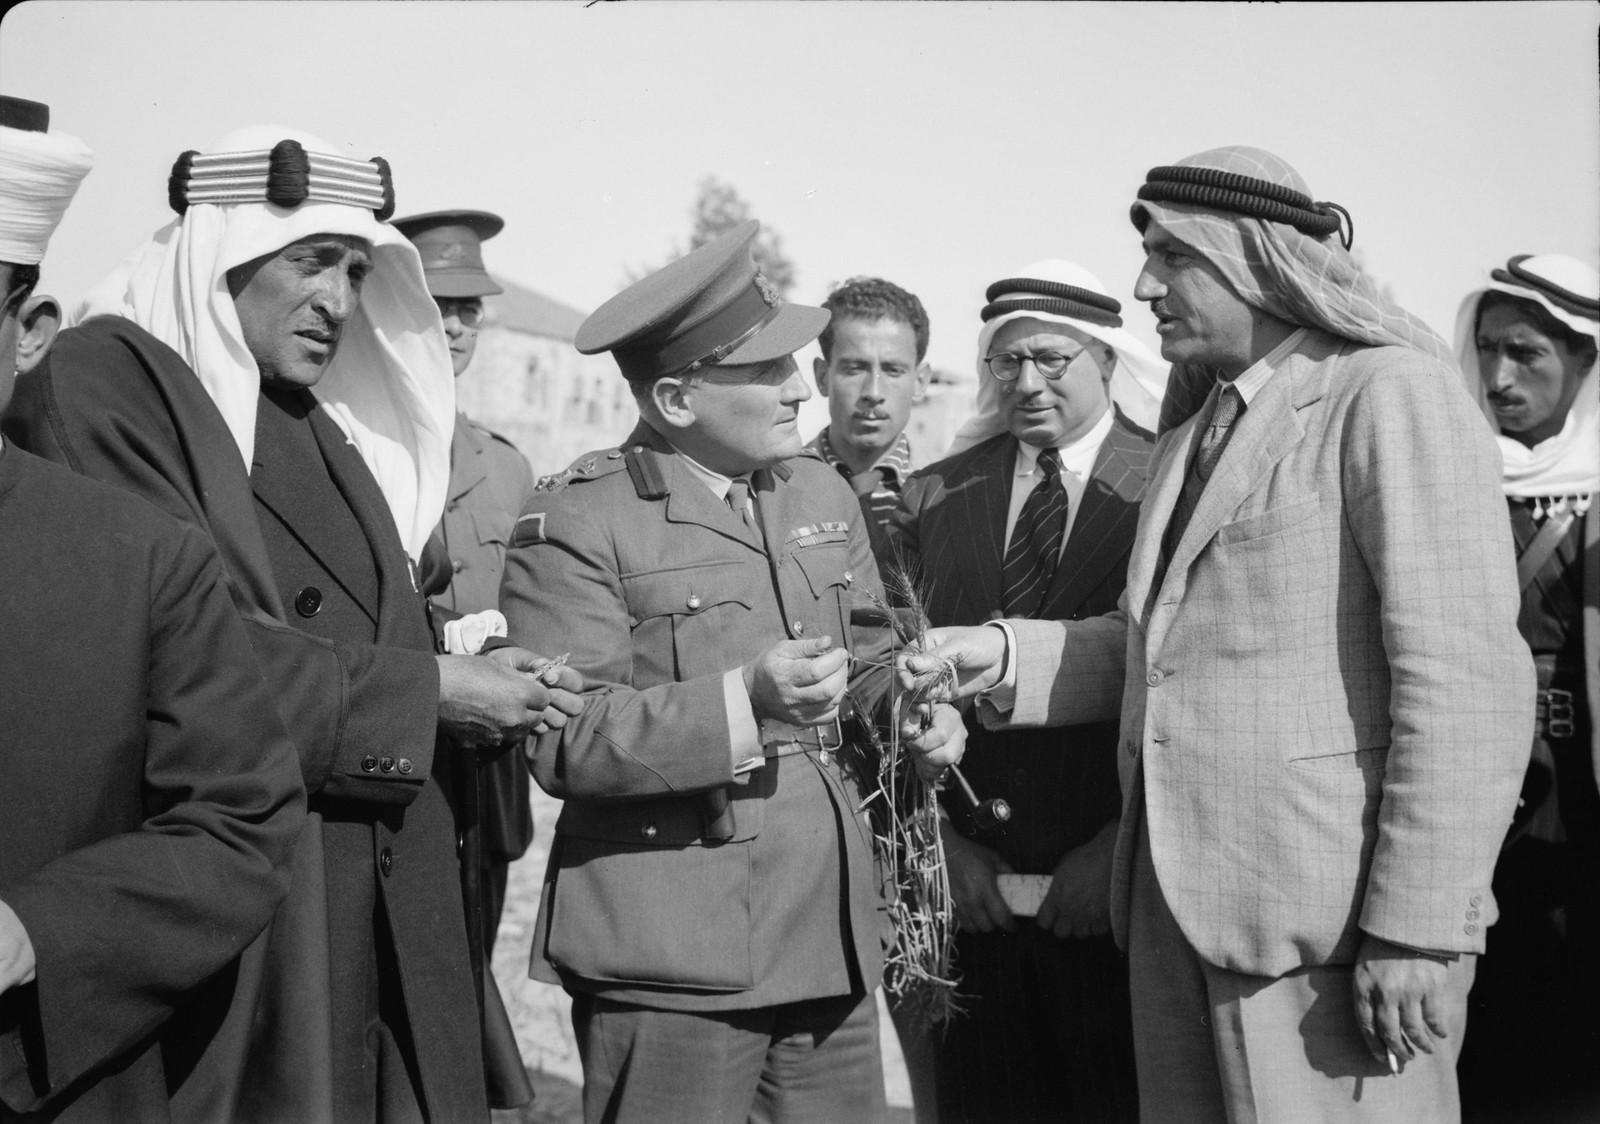 06. Генерал Аллан задает вопросы об австралийской пшенице